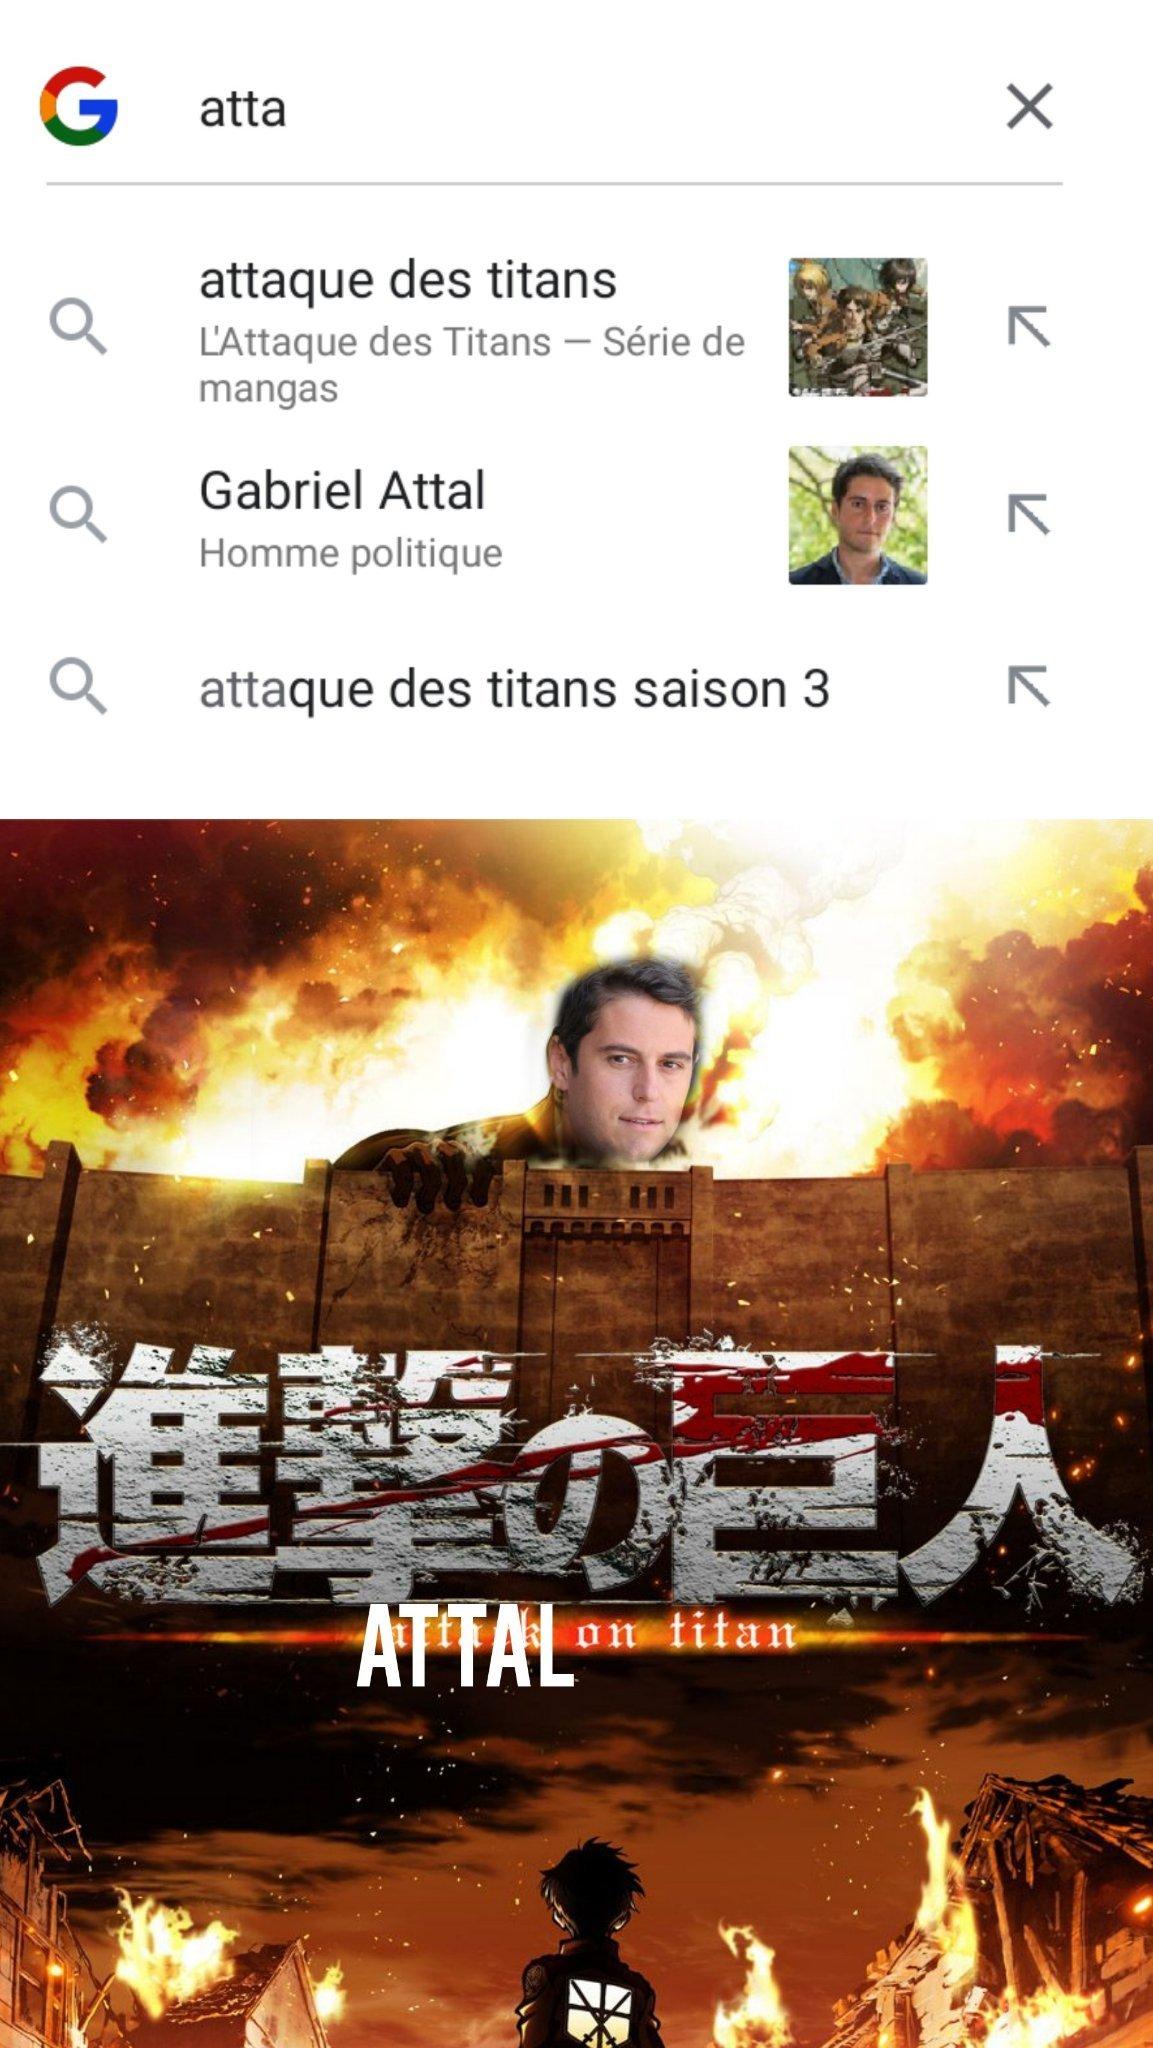 Le Titan porte-parole - meme